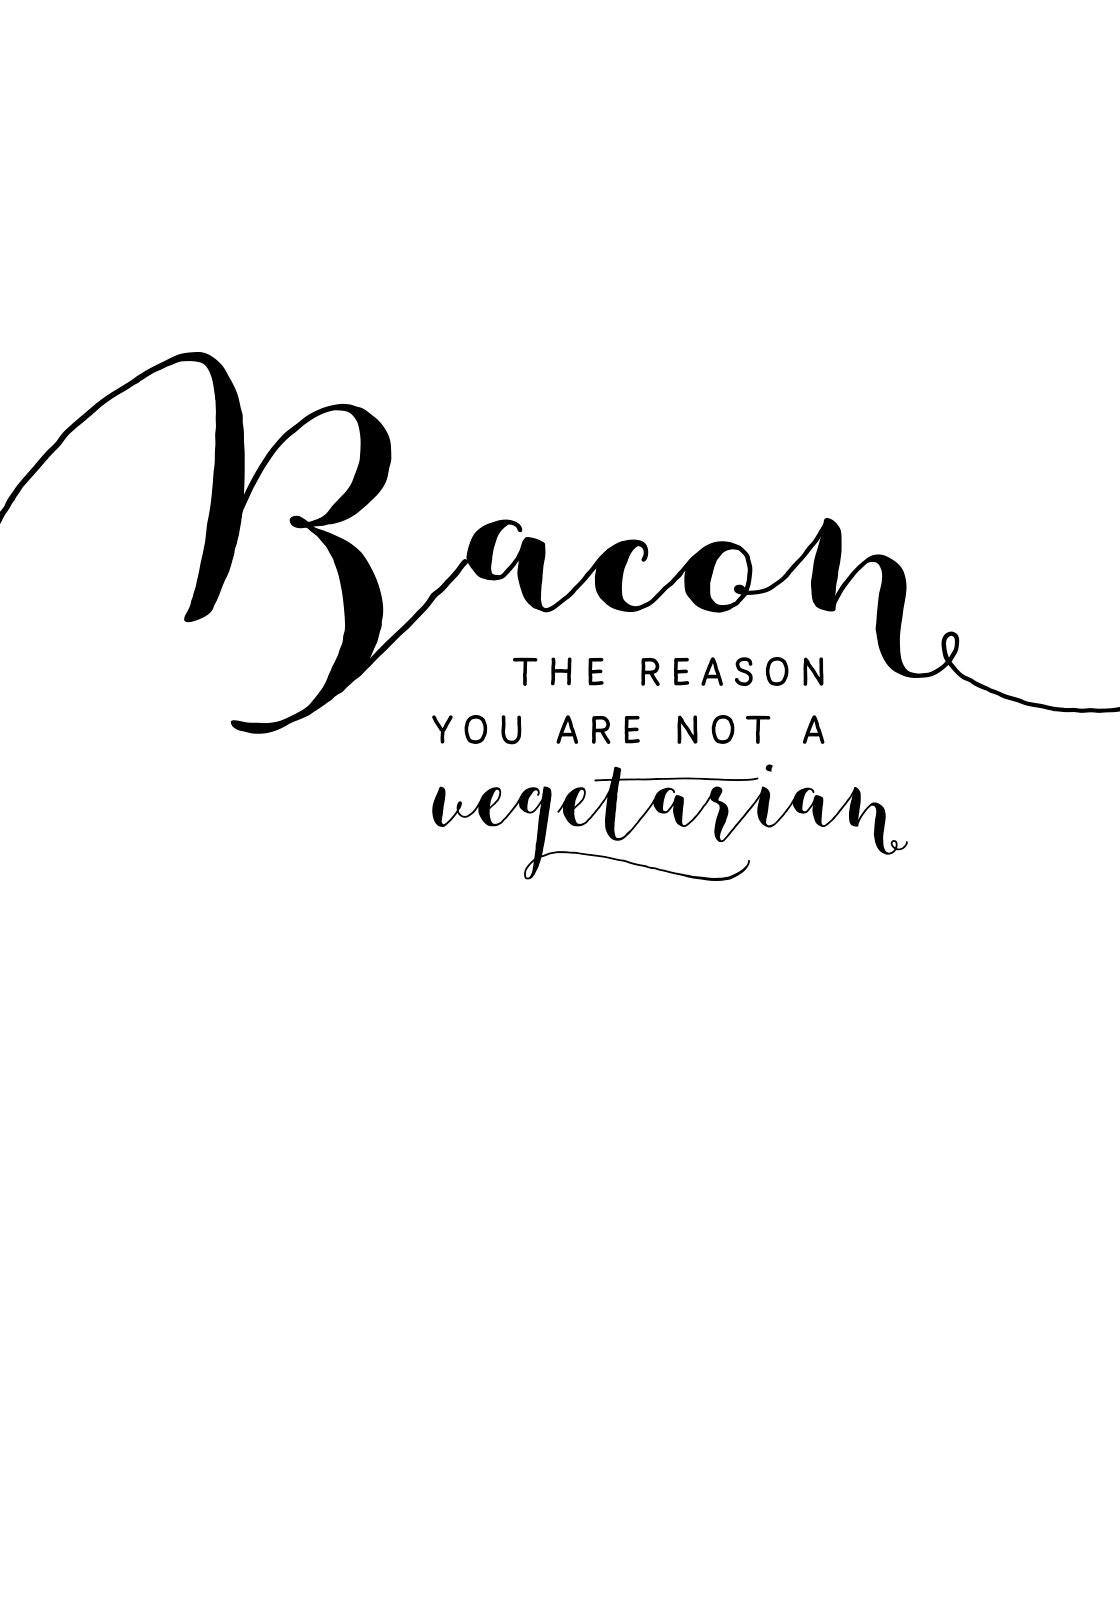 Image of Bacon hvid af Ten Valleys